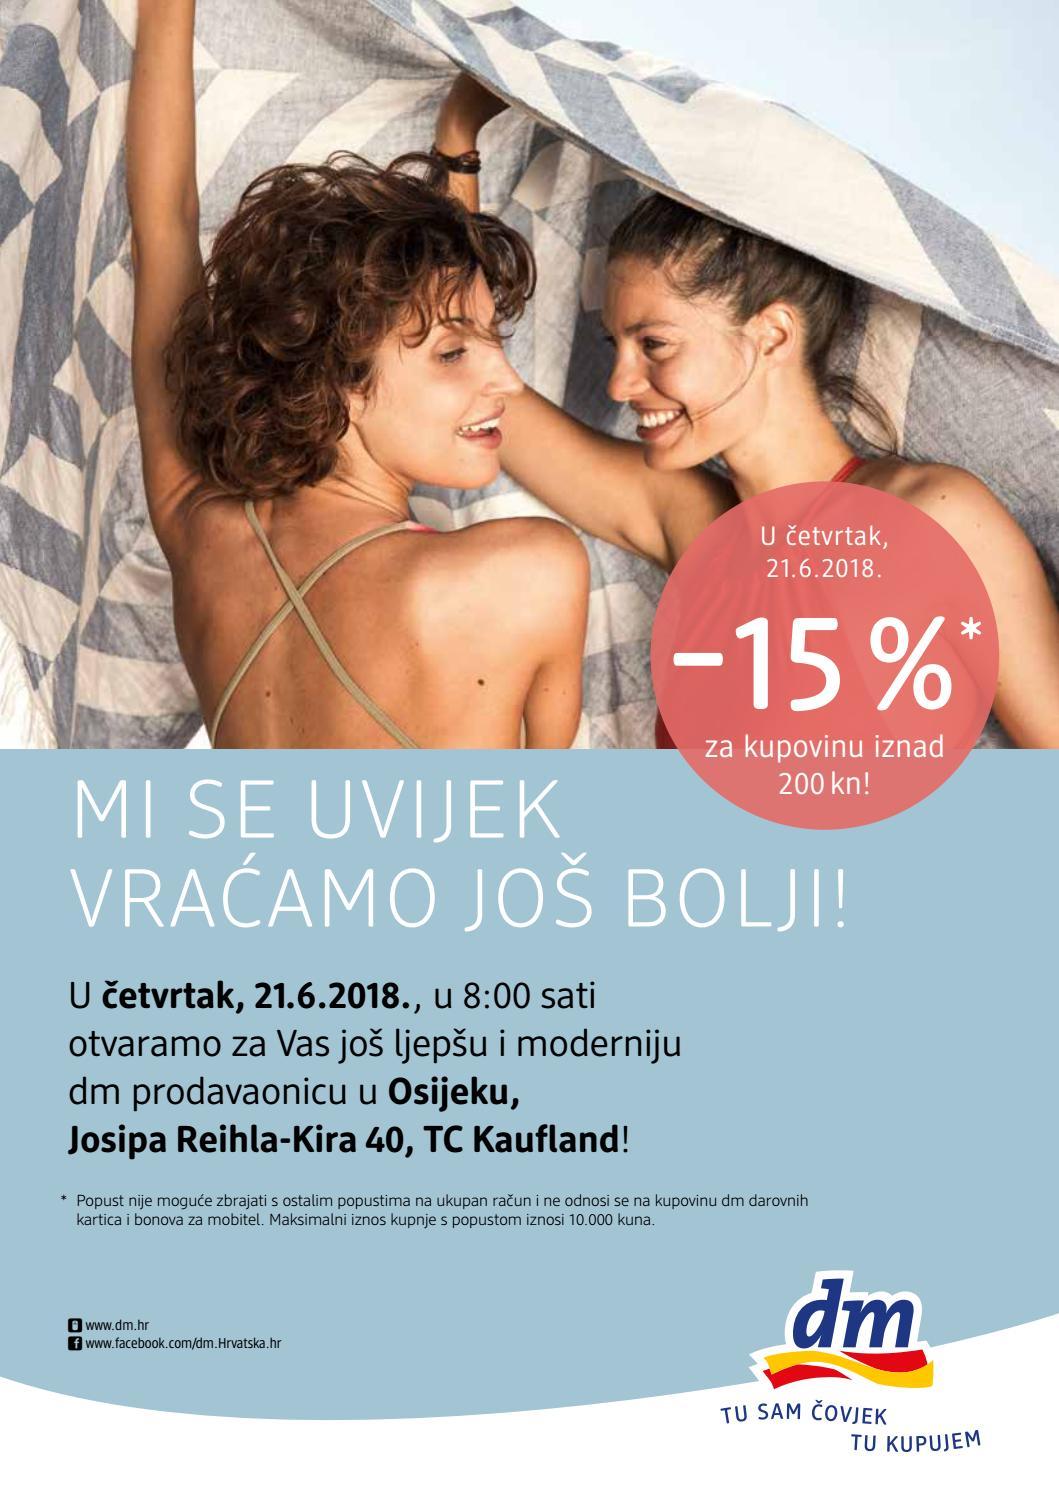 U četvrtak, 21.6.2018., u 8:00 sati otvaramo za Vas još ljepšu i moderniju dm prodavaonicu Osijeku, J.R. Kira 40, TC Kaufland!